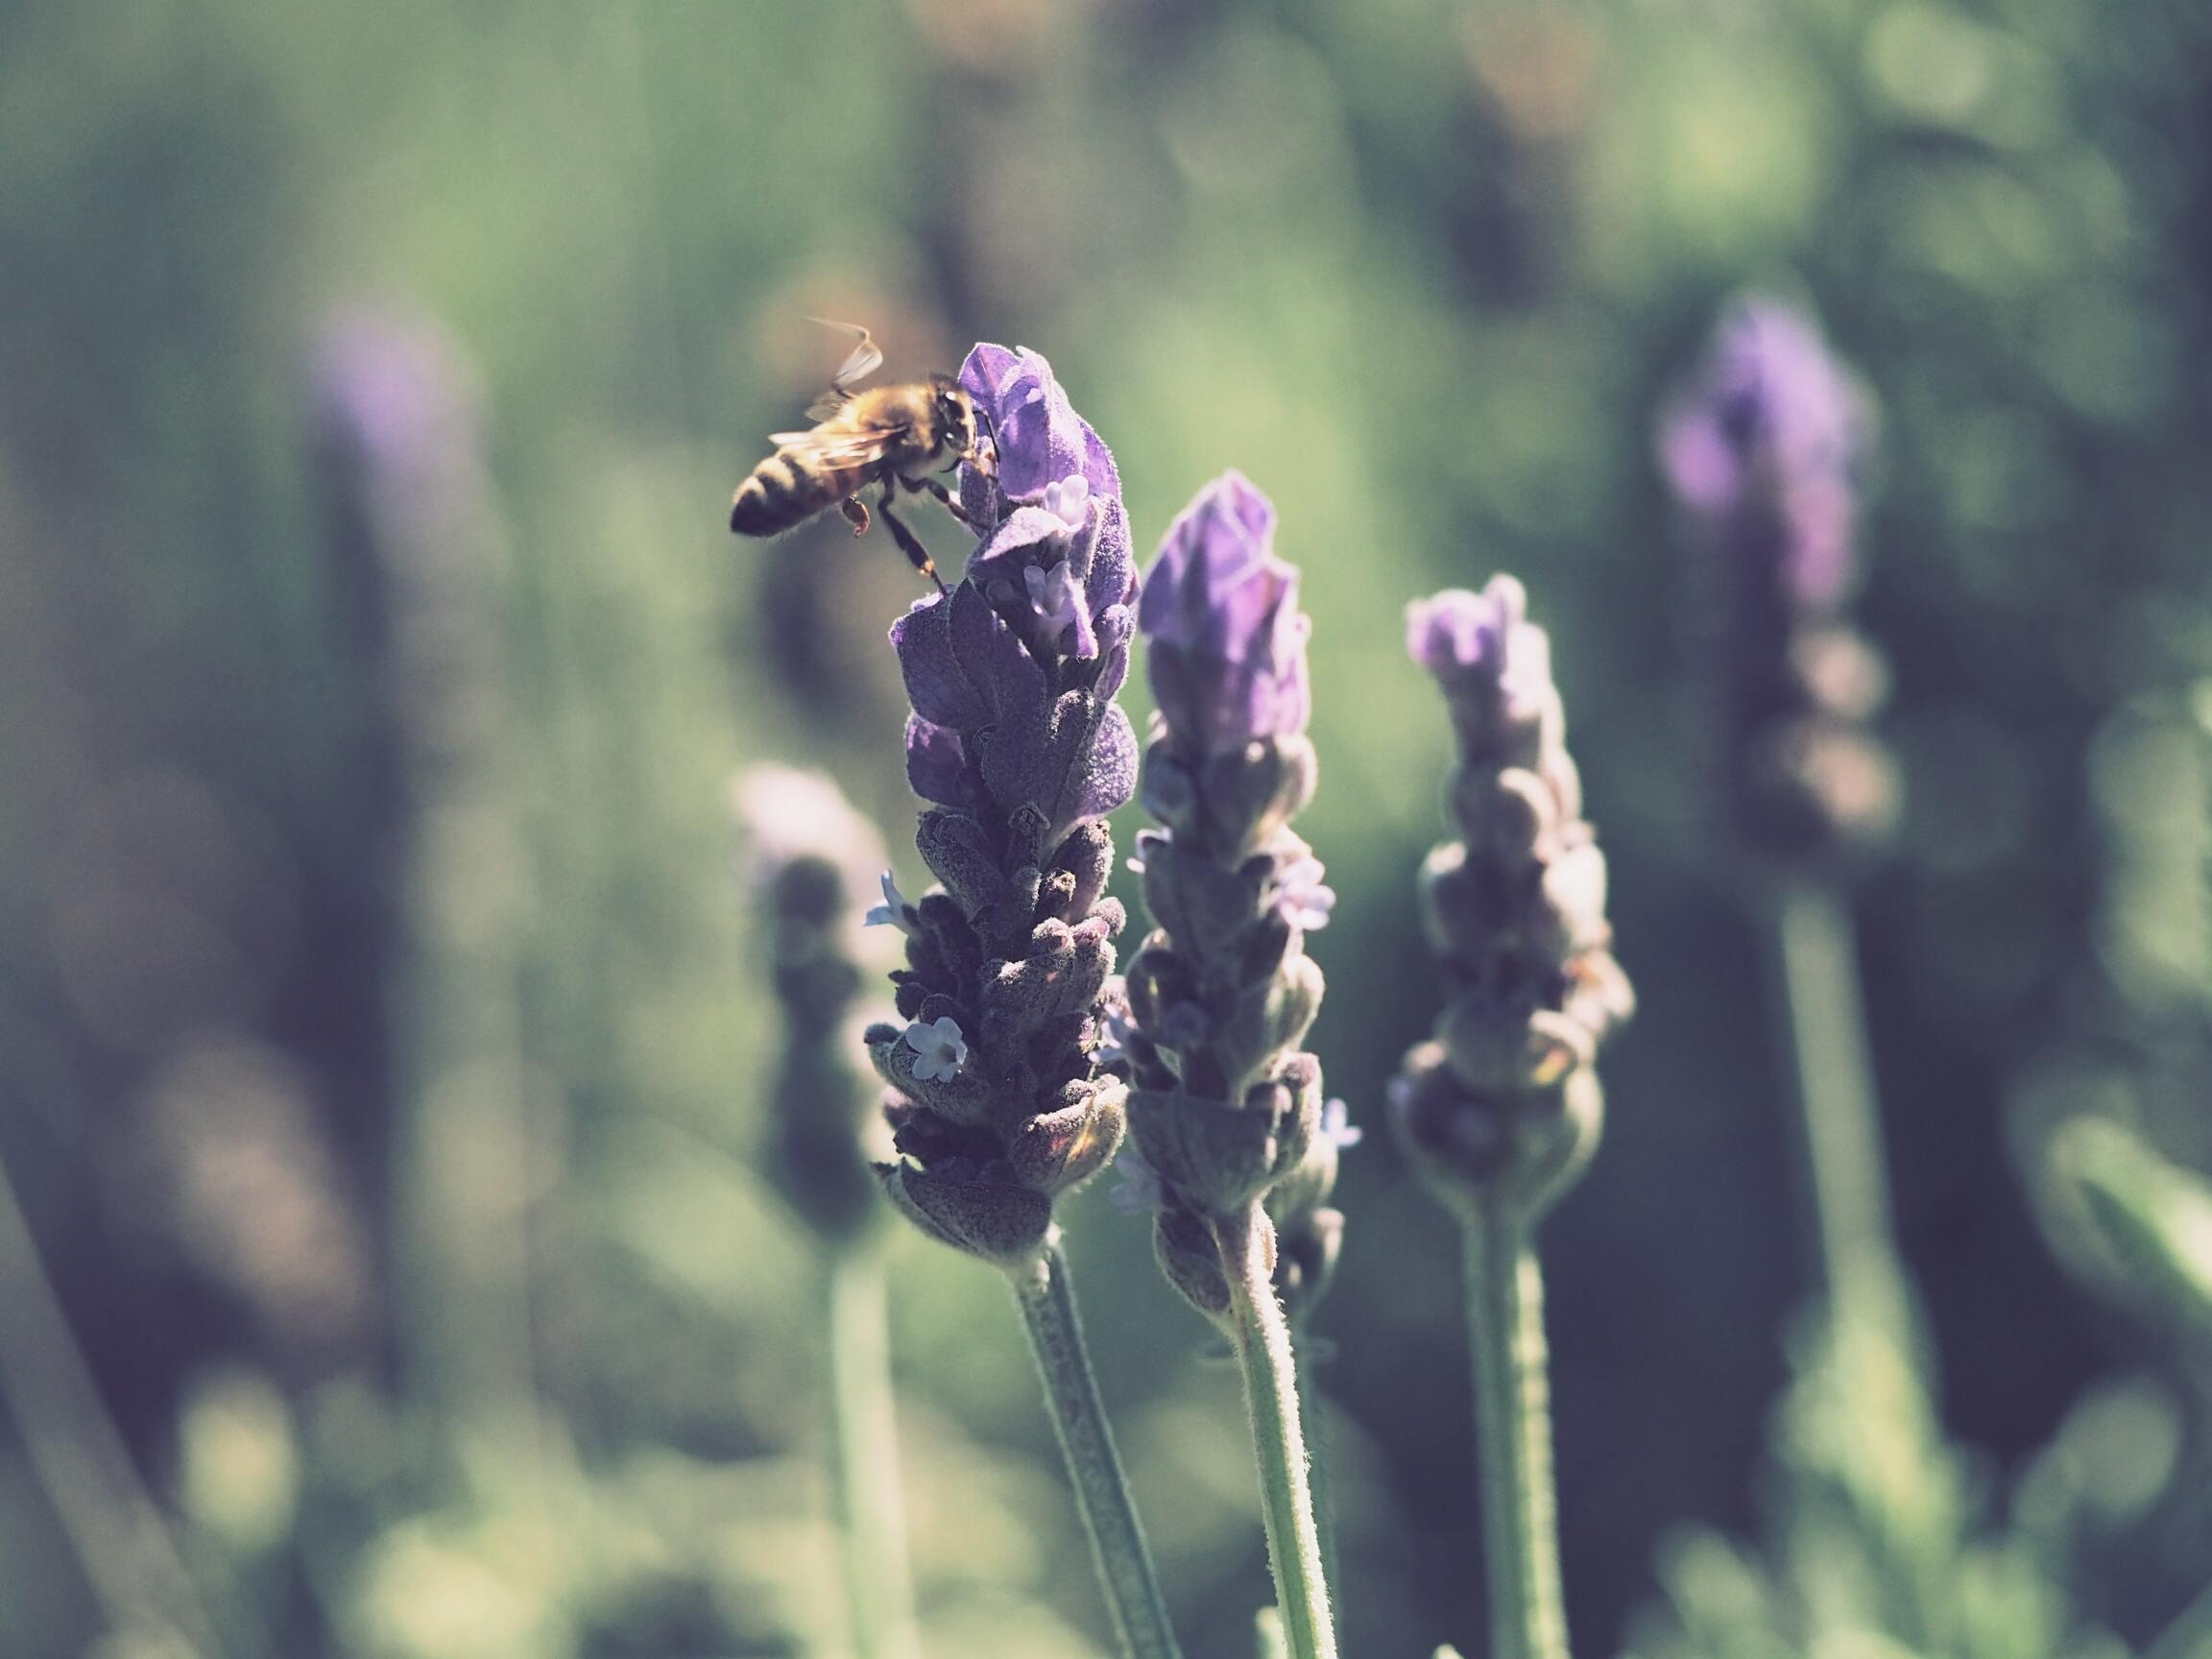 Hình ảnh con ong đẹp nhất